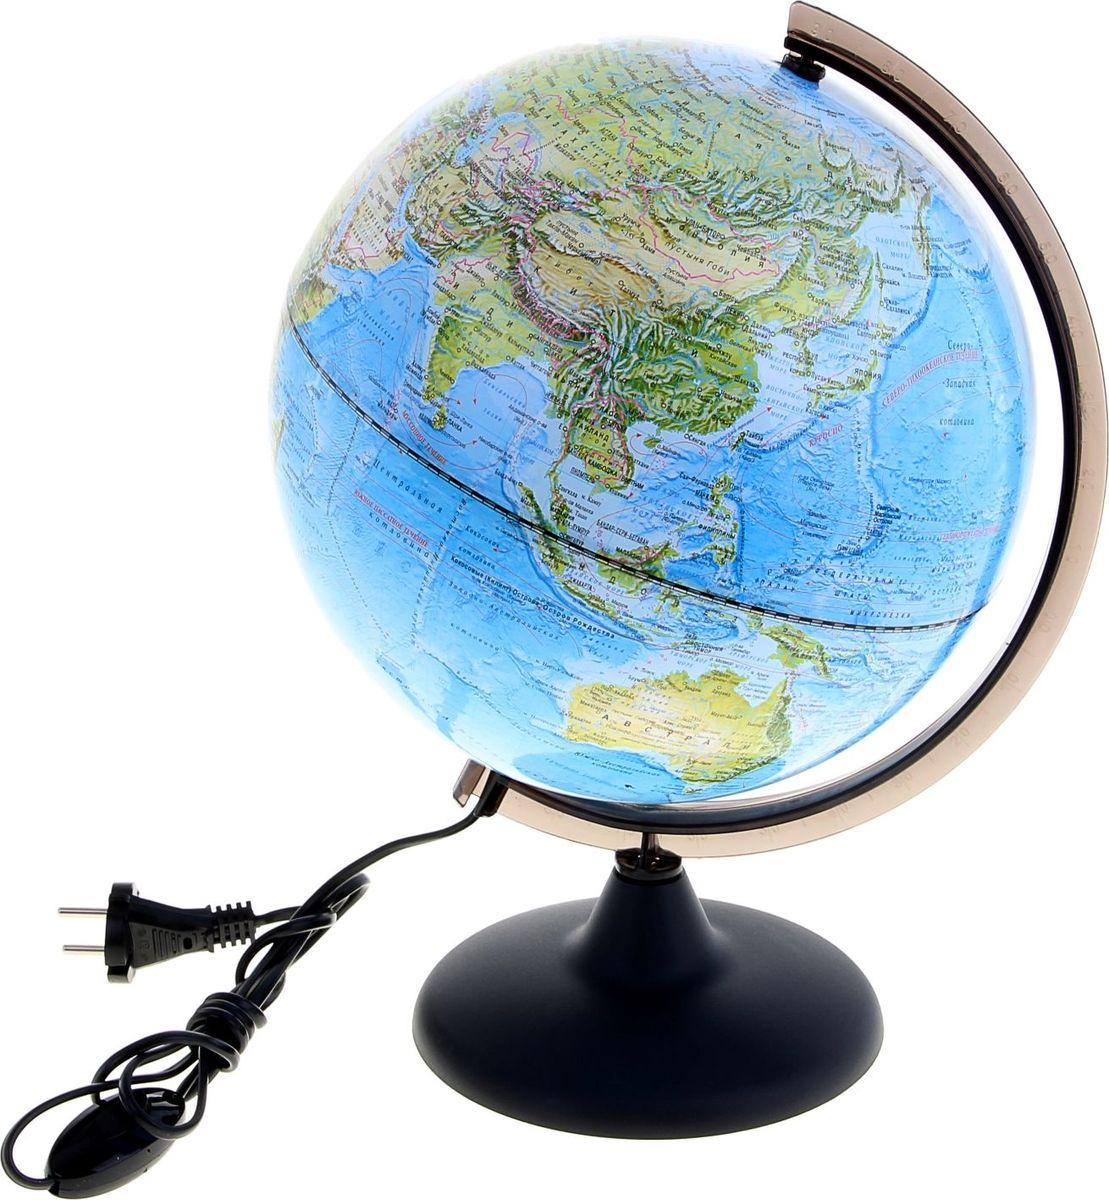 Глобусный мир Глобус ландшафтный с подсветкой диаметр 25 см1077869Глобус для всех, глобус каждому! Глобус — самый простой способ привить ребенку любовь к географии. Он является отличным наглядным примером, который способен в игровой доступной и понятной форме объяснить понятия о планете Земля. Также интерес к глобусам проявляют не только детки, но и взрослые. Для многих уменьшенная копия планеты заменяет атлас мира из-за своей доступности и универсальности. Умный подарок! Кому принято дарить глобусы? Всем! Глобус ландшафтный диаметр 250 мм, с подсветкой — это уменьшенная копия земного шара, в которой каждый найдет для себя что-то свое. путешественники и заядлые туристы смогут отмечать с помощью стикеров те места, в которых побывали или собираются их посетить деловые и успешные люди оценят такой подарок по достоинству, потому что глобус ассоциируется со статусом и властью преподаватели, ученые, студенты или просто неординарные личности также найдут для глобуса достойное место в своем доме. Итак, спешите заказать...